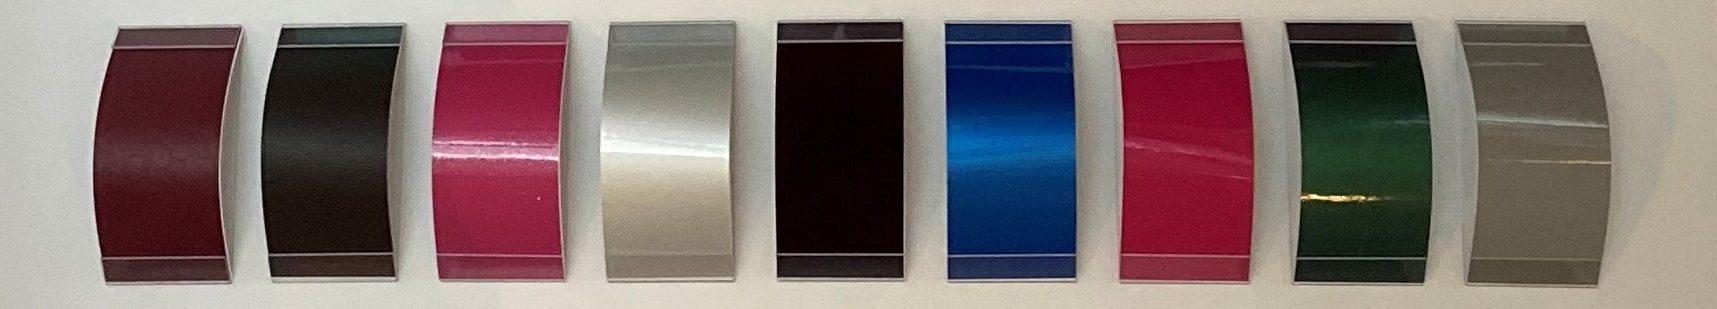 AMD Display